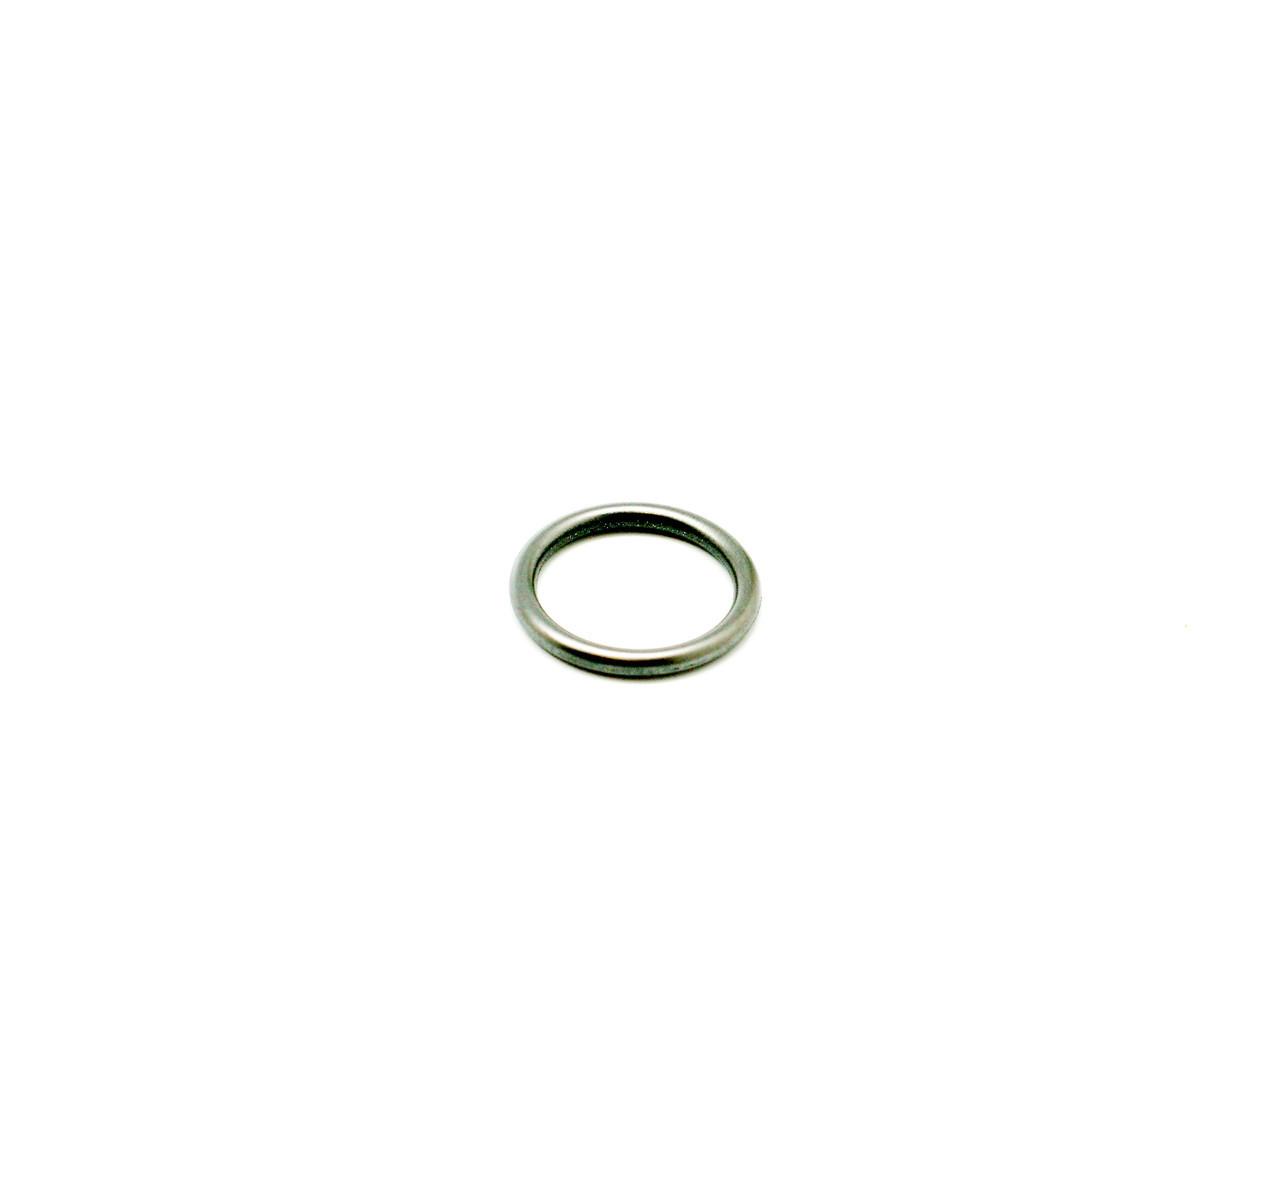 Кольцо уплотнительное Cummins 4890926